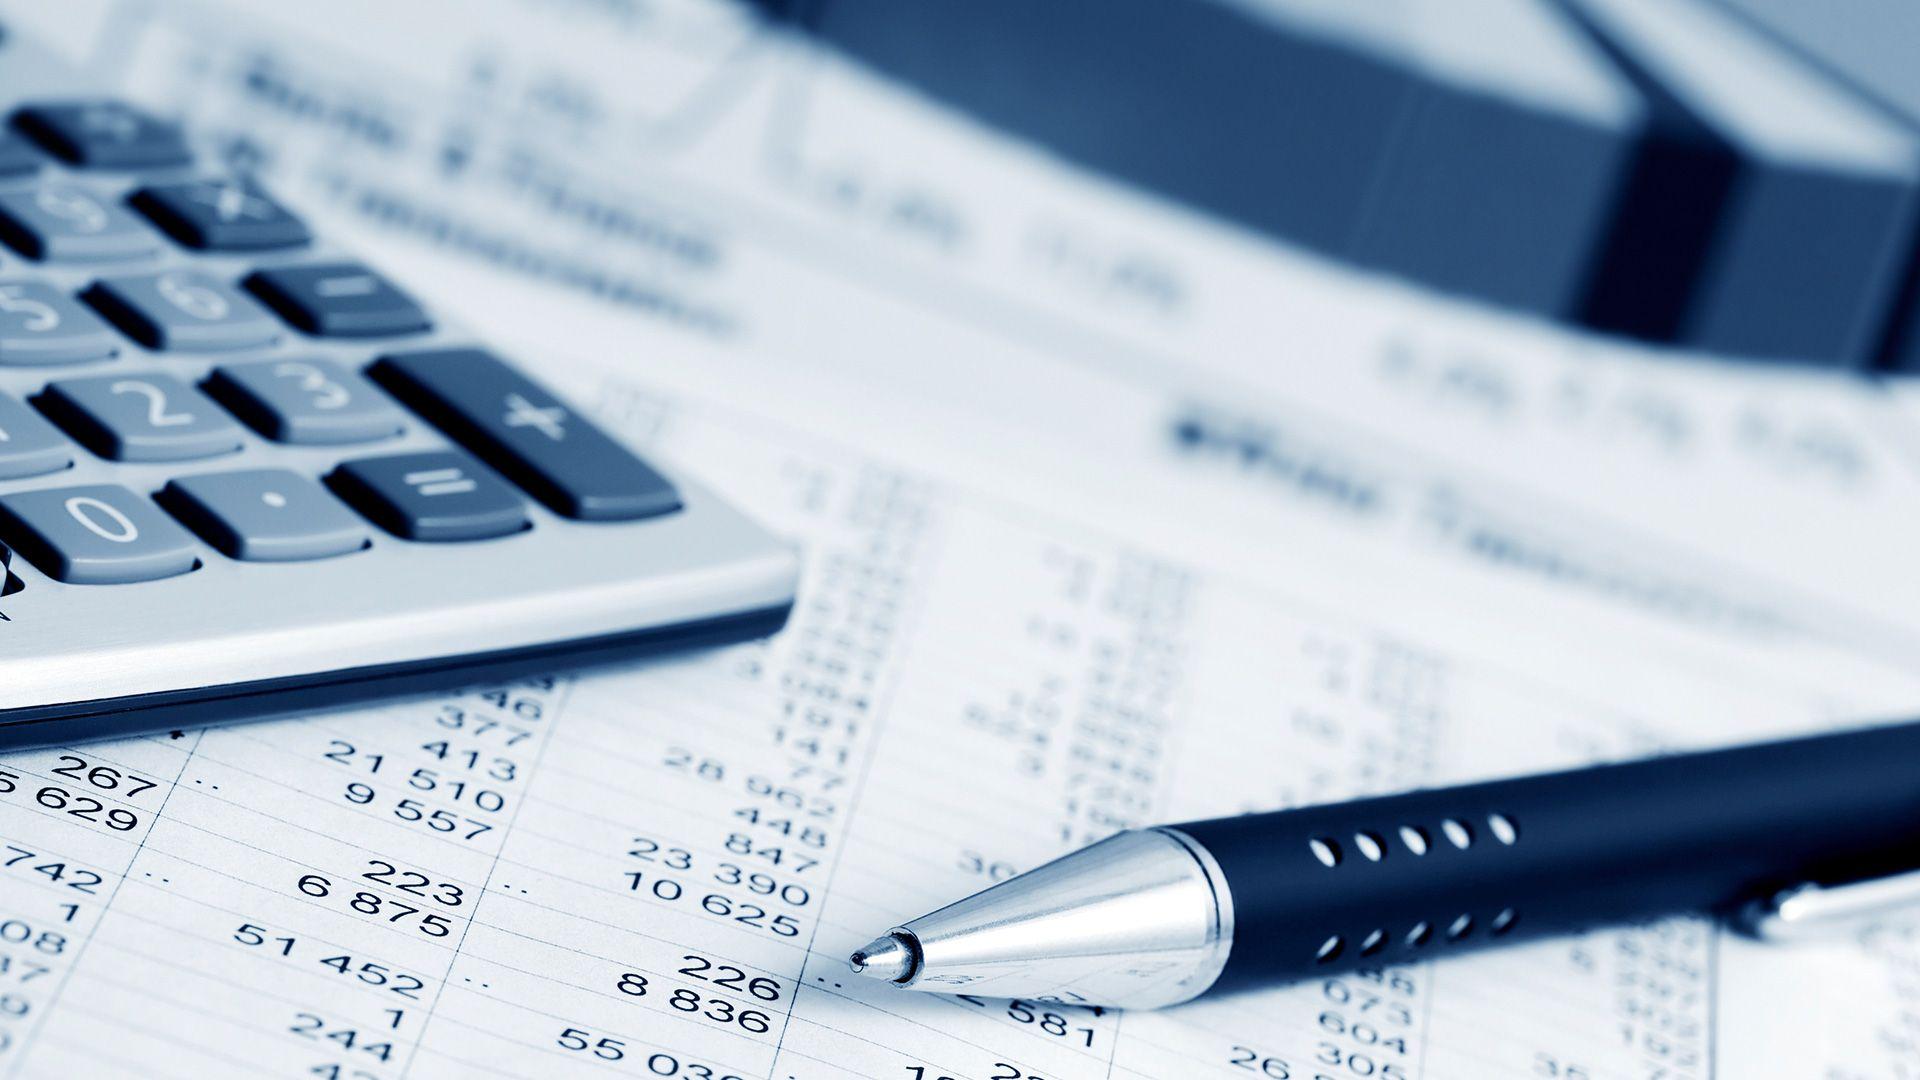 quyết toán thuế uy tin Expertis